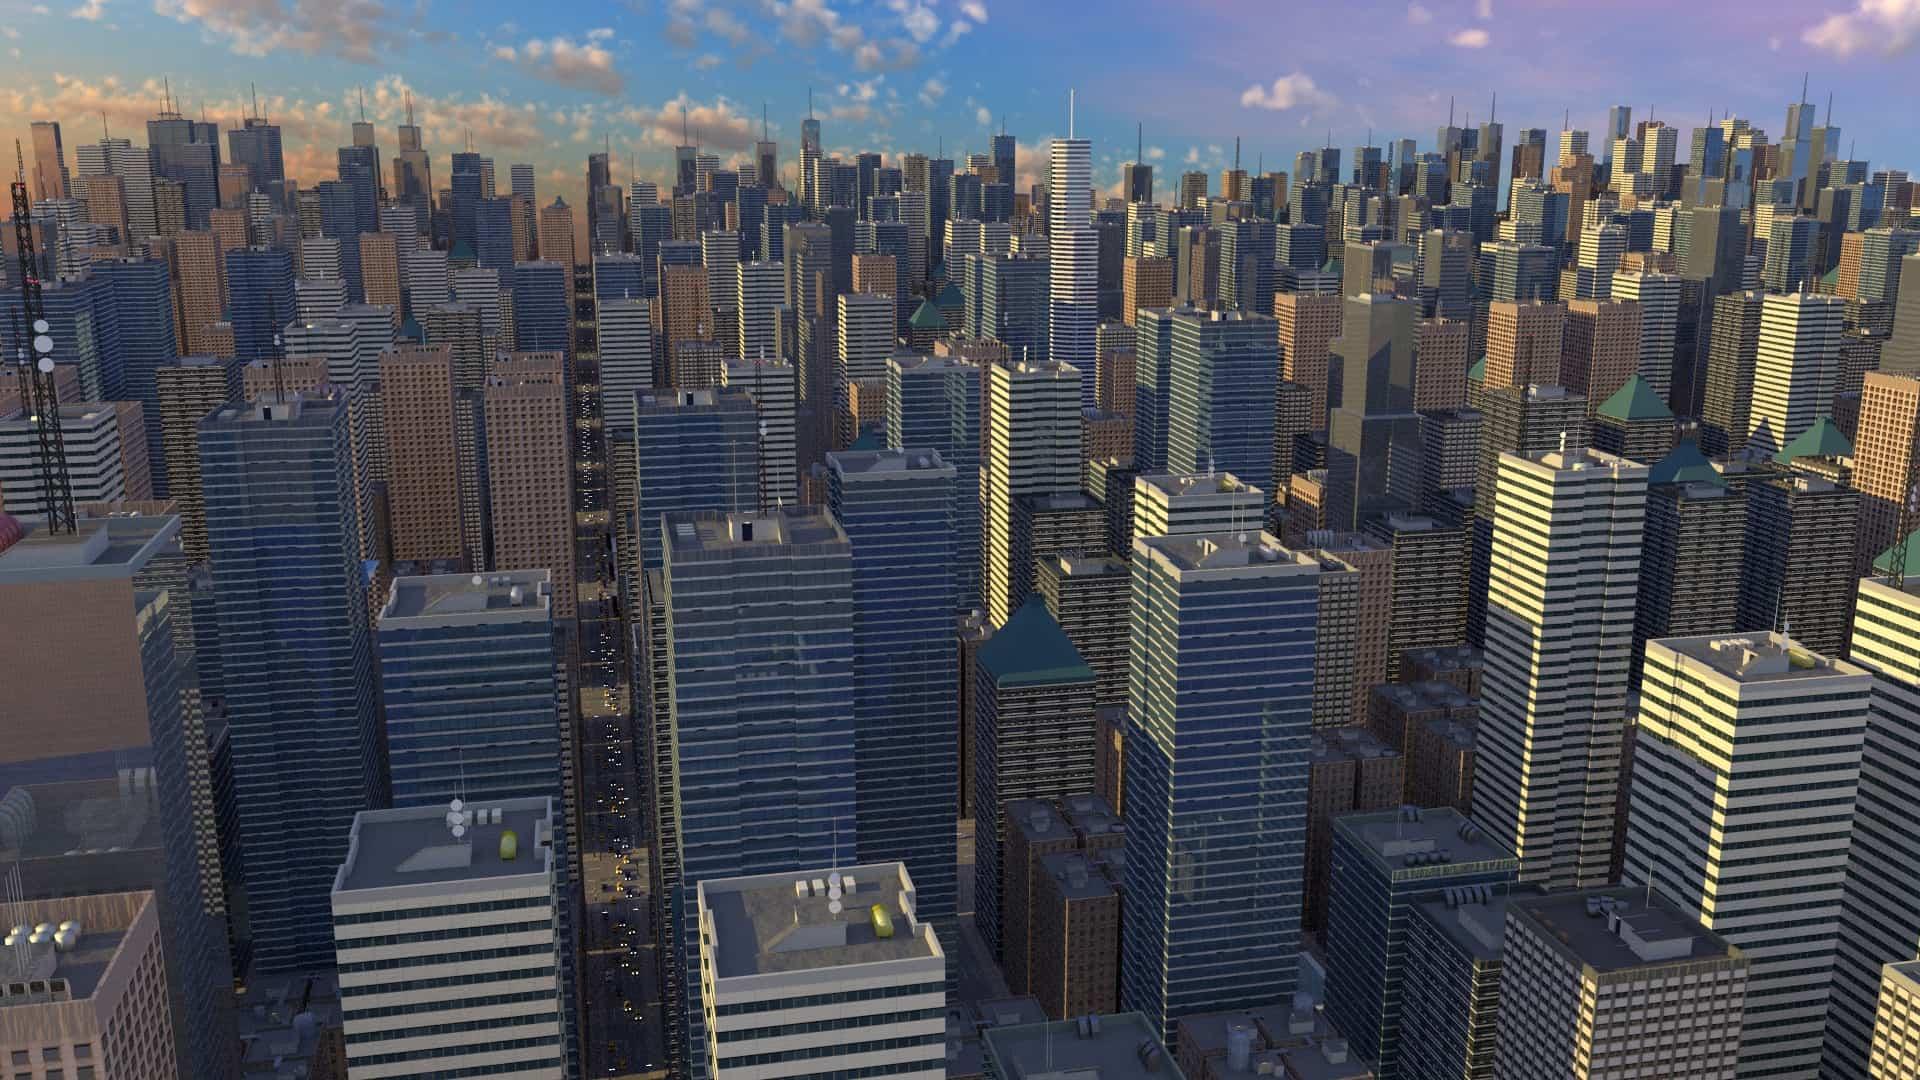 3d city scene created in Blender